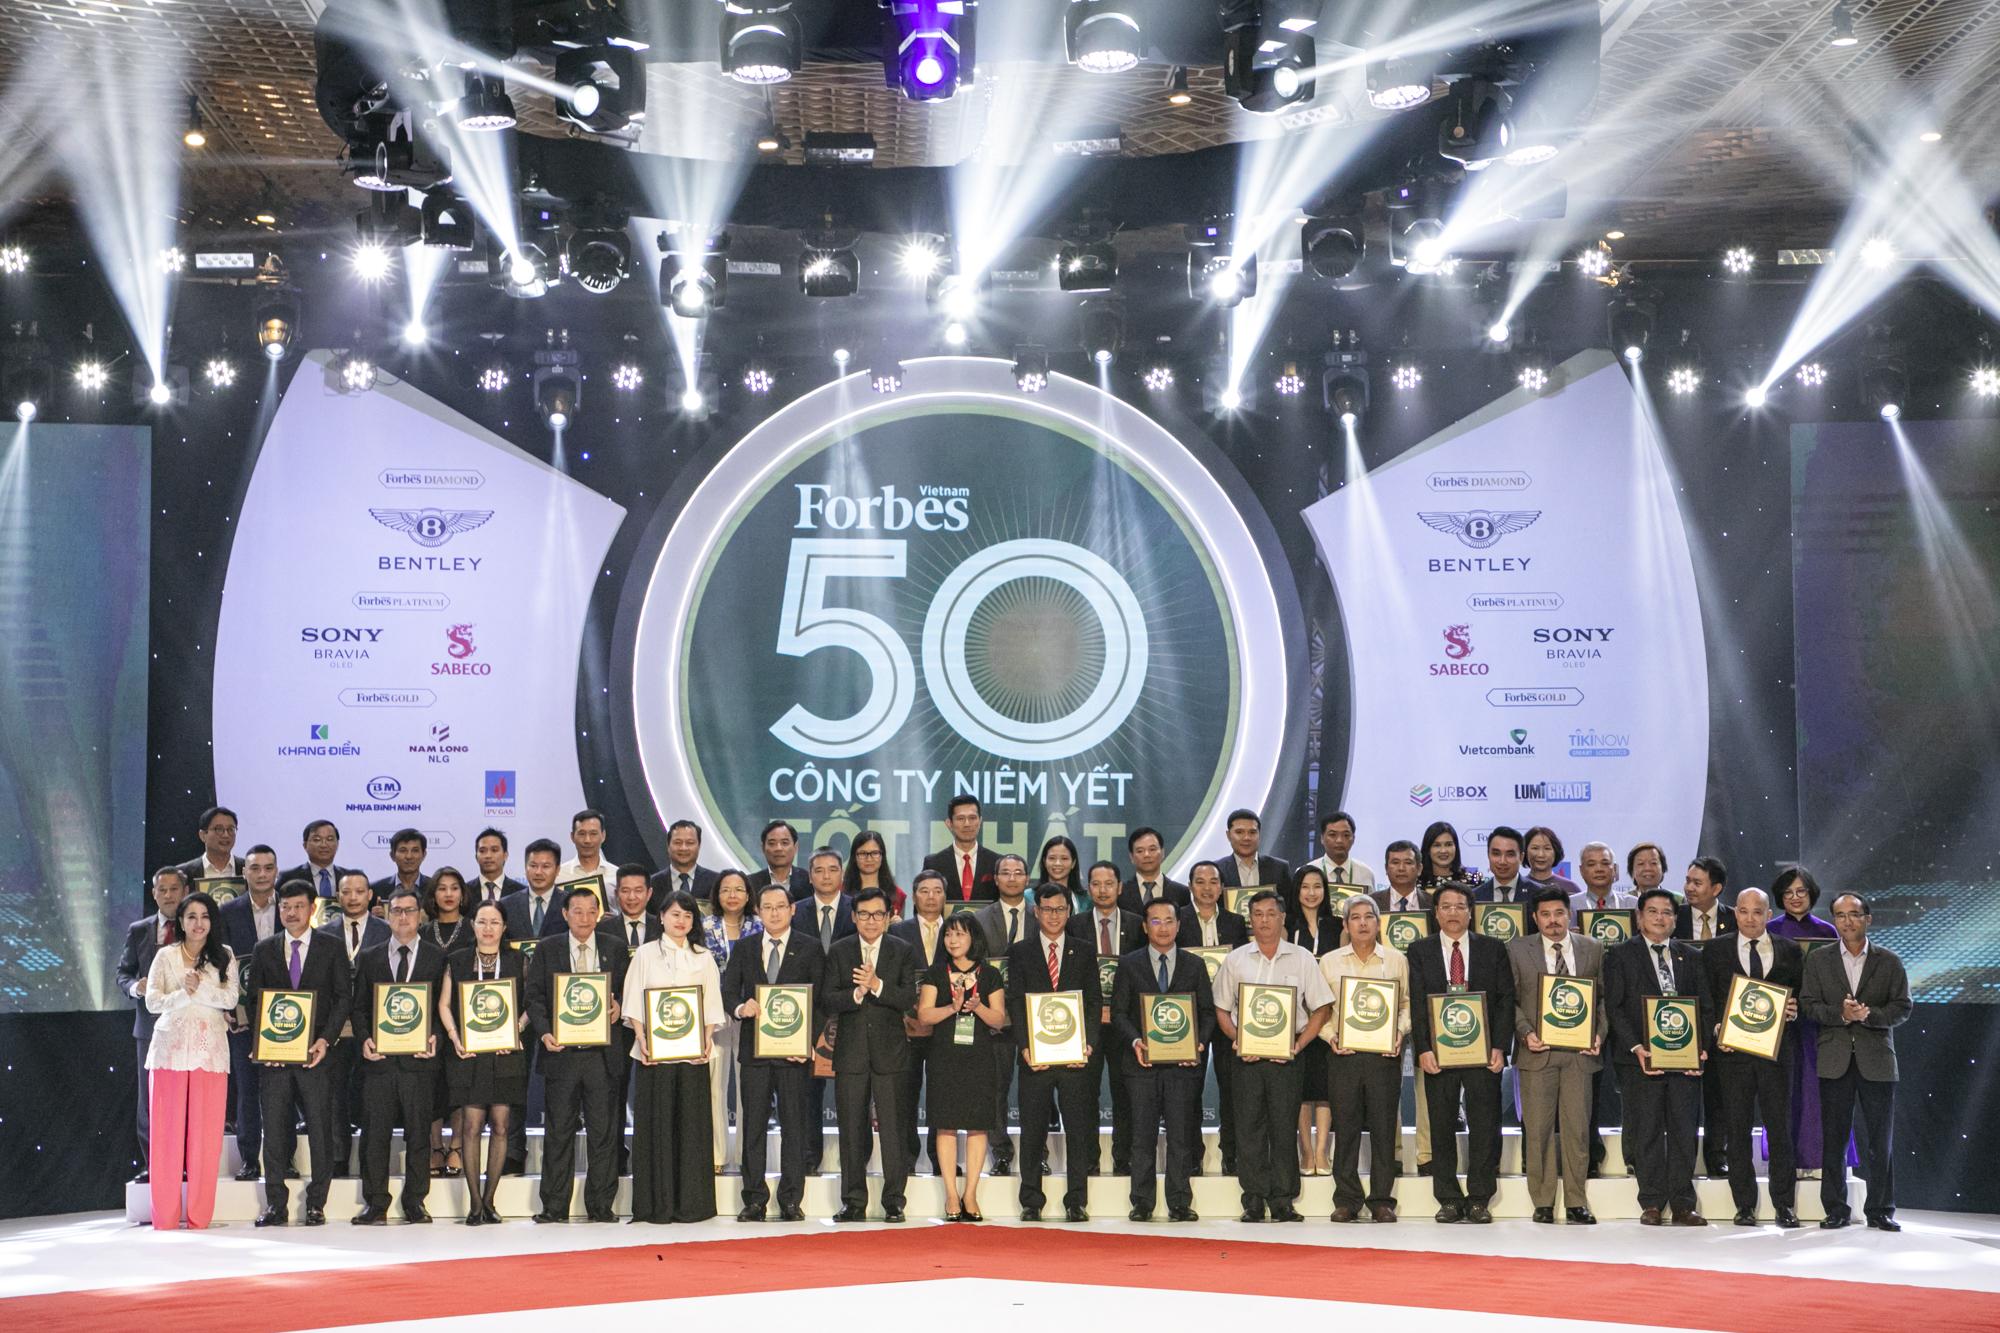 Lễ trao giải 50 công ty niêm yết tốt nhất Việt Nam – 2019 của Forbes Việt Nam